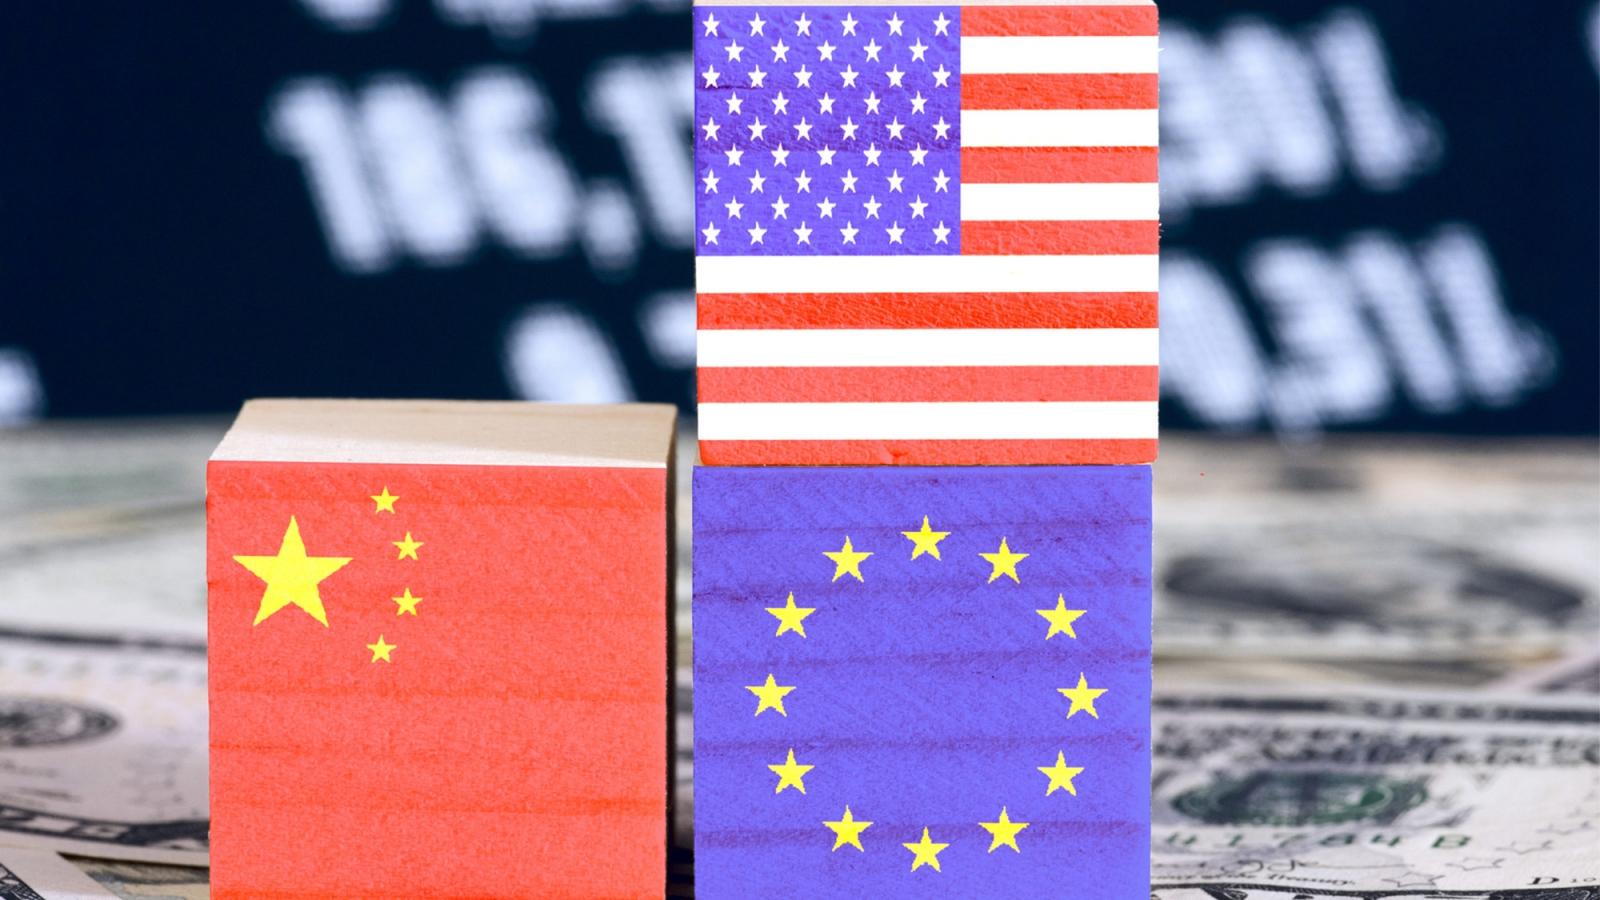 Châu Âu trong cuộc co kéo Mỹ - Trung: Trung lập, chọn phe hay tự lực cánh sinh?